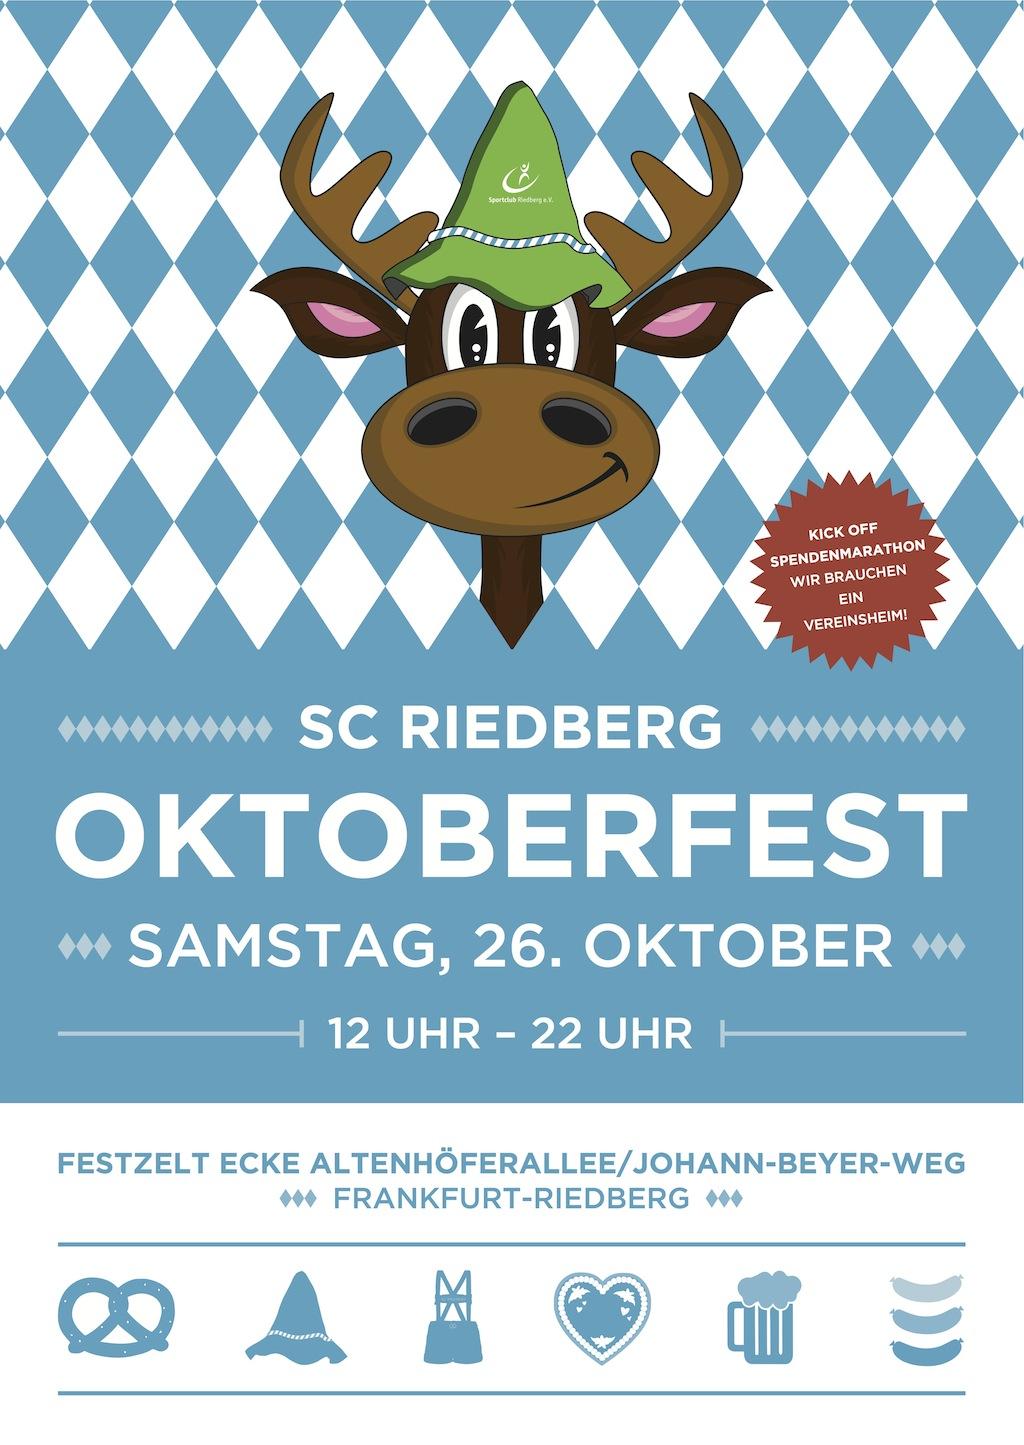 einladung oktoberfest - sc riedberg, Einladung